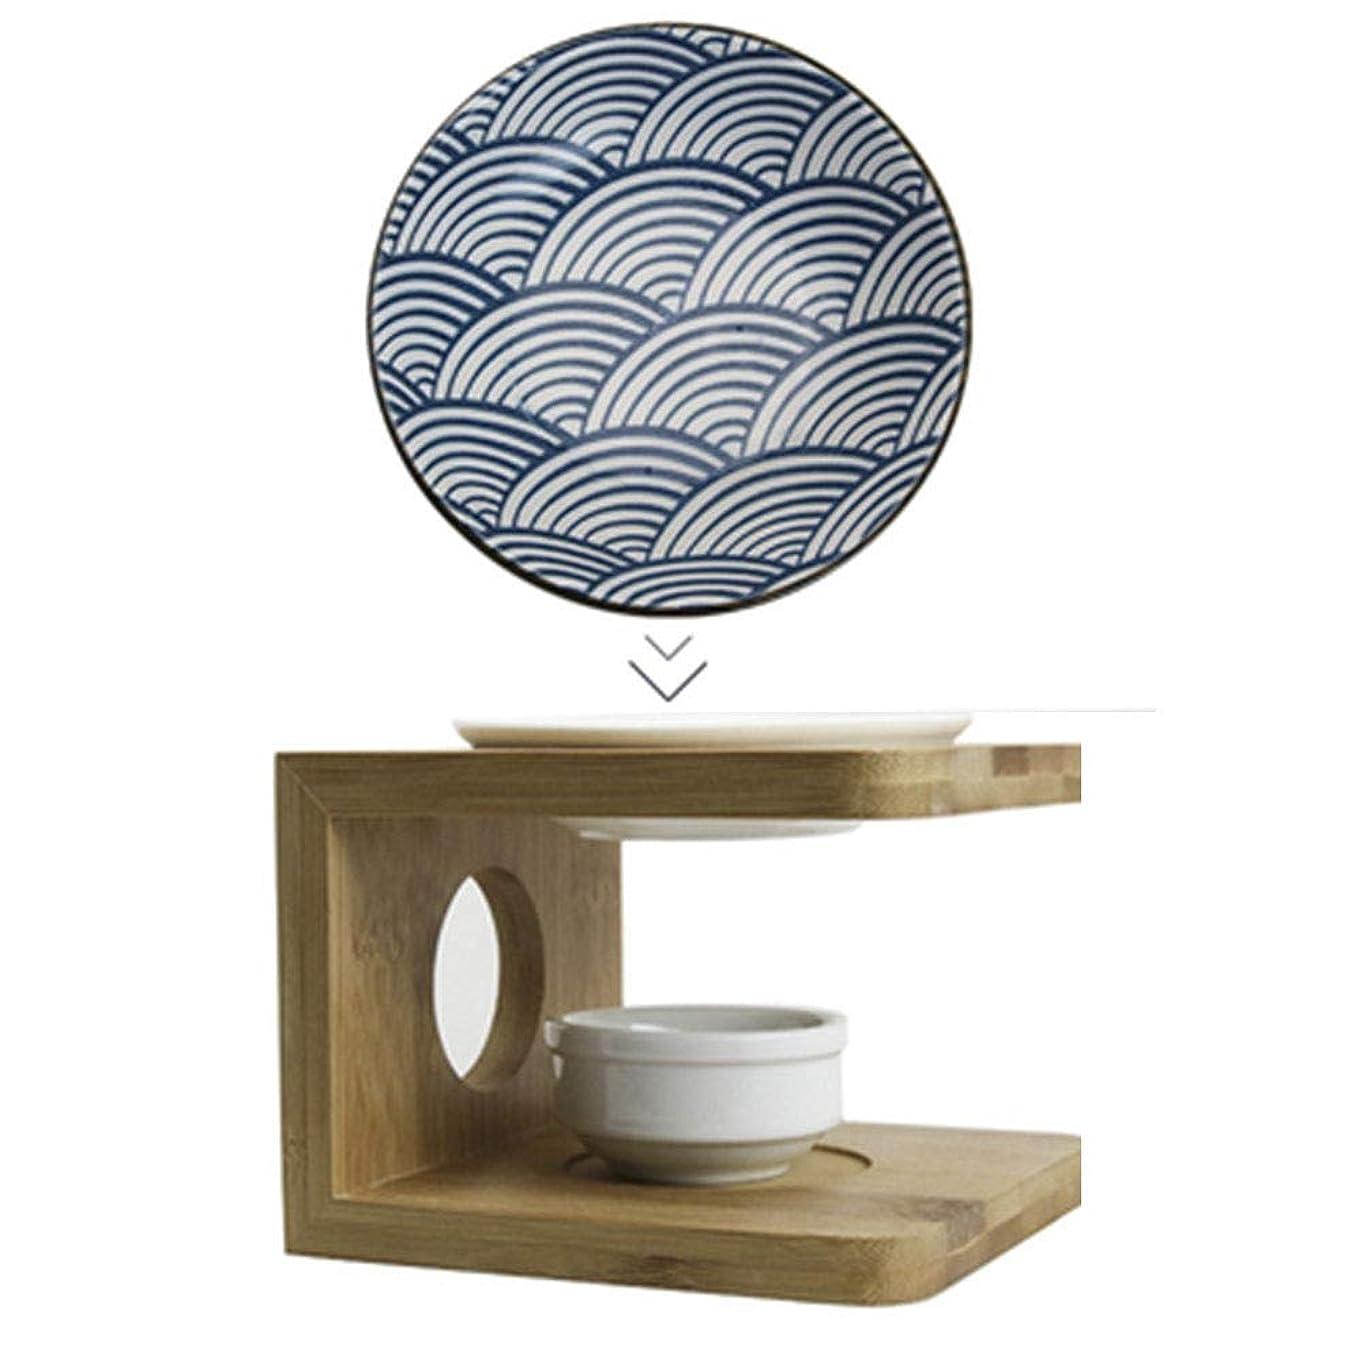 アドバンテージお気に入りフォーラムお換えのお皿 青いお皿茶香炉 陶器茶香炉 茶こうろ 茶 インテリア アロマディフューザー 精油和風 アロマ リビング セット (ブルー)